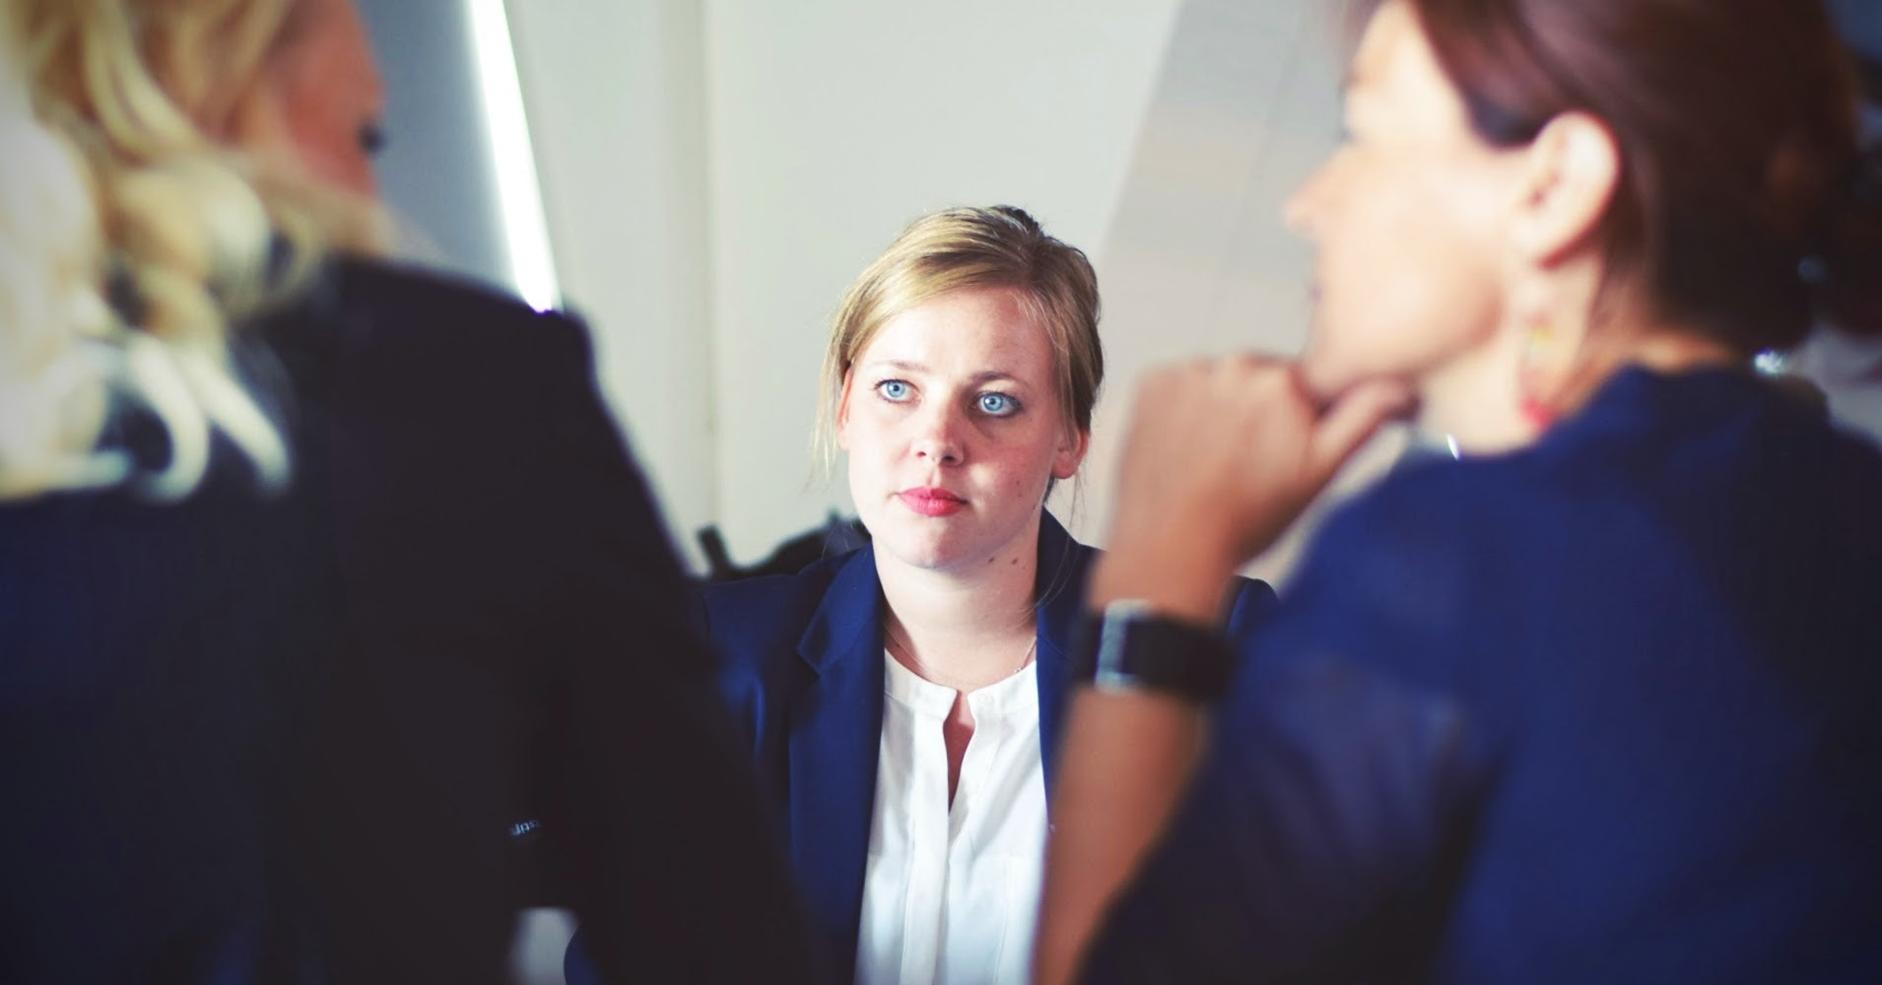 社群招募如何提升雇主品牌?LinkedIn 專家分享實際案例